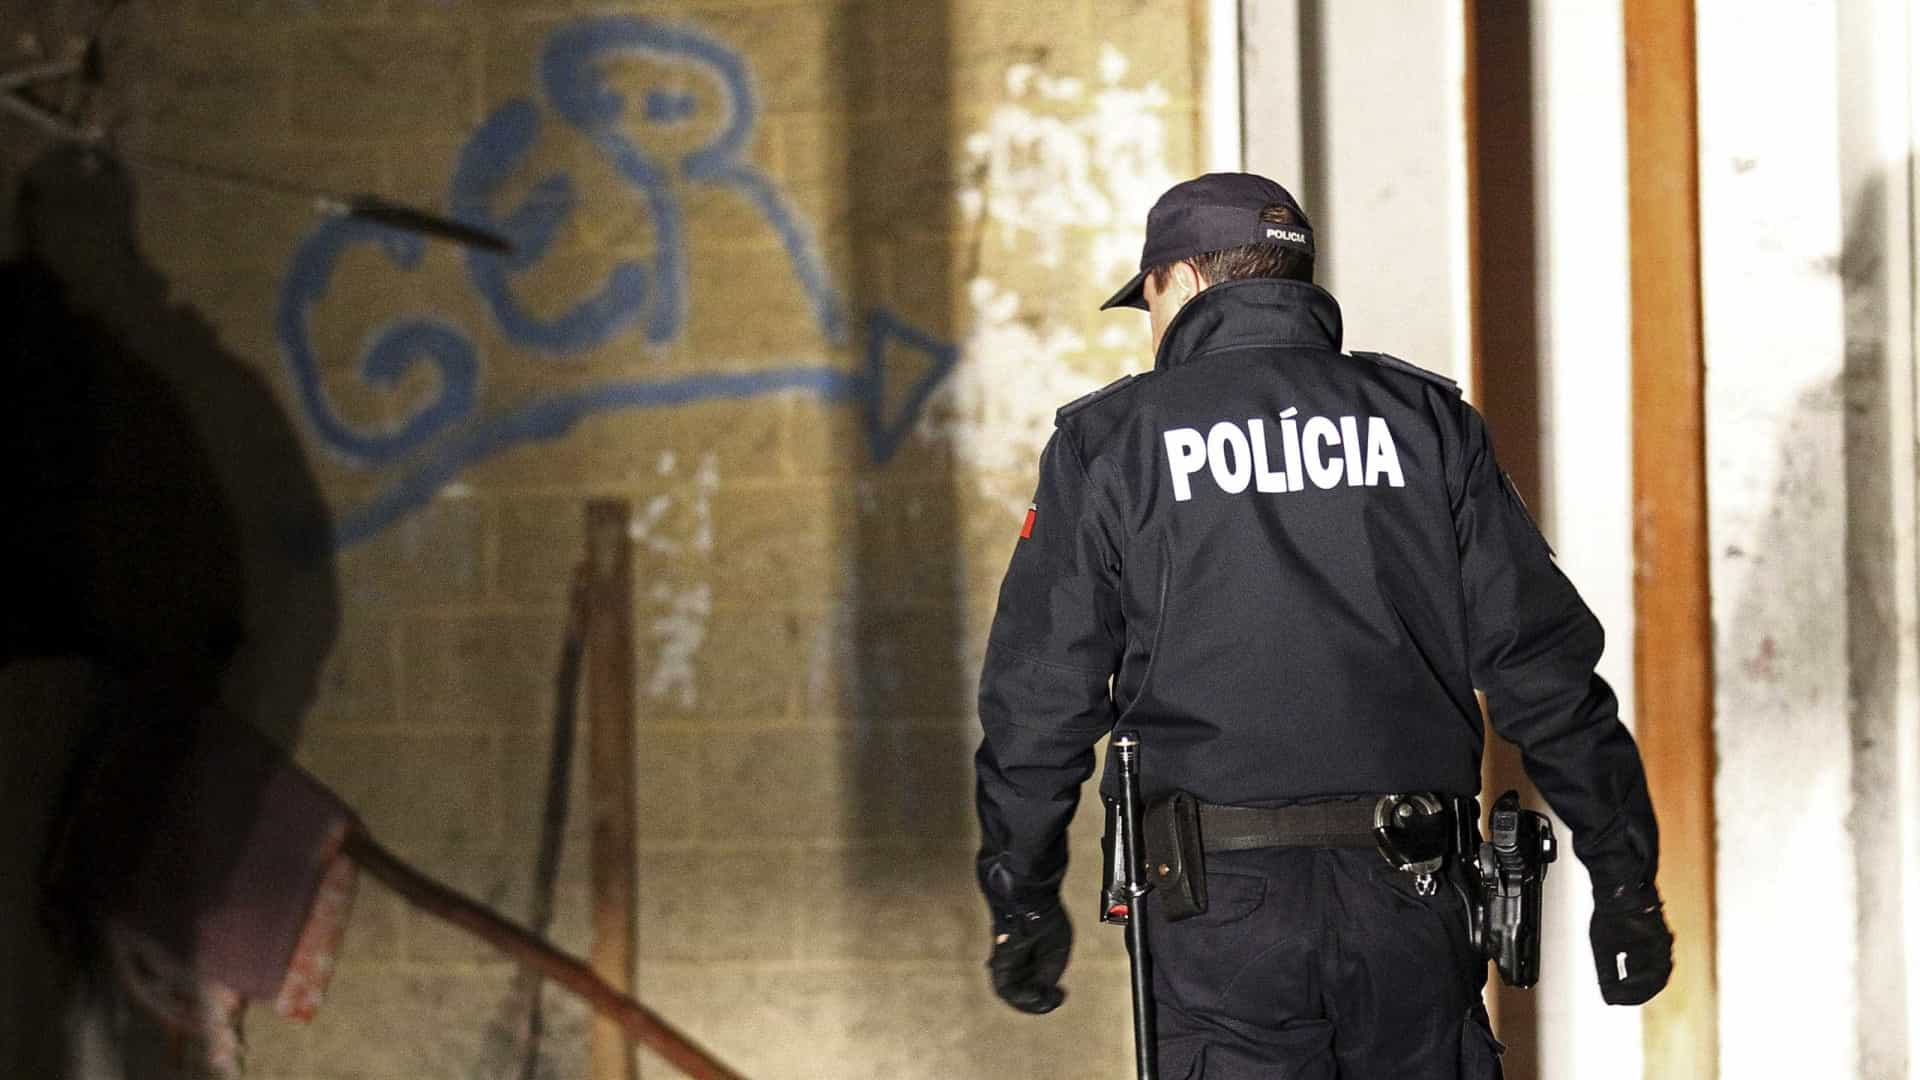 PSP faz 17 detenções nas últimas 24 horas